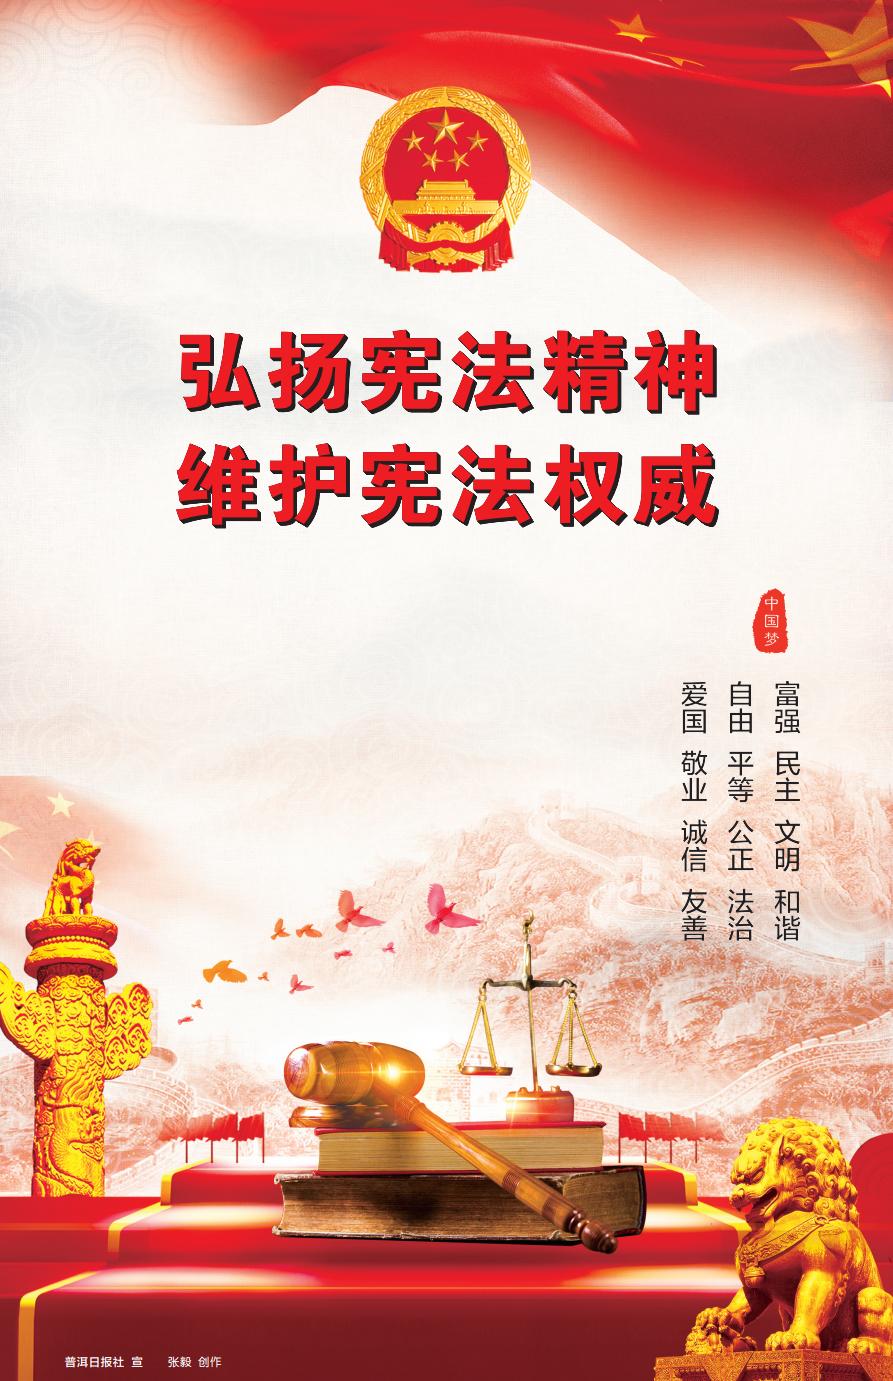 弘扬宪法精神维护宪法权威